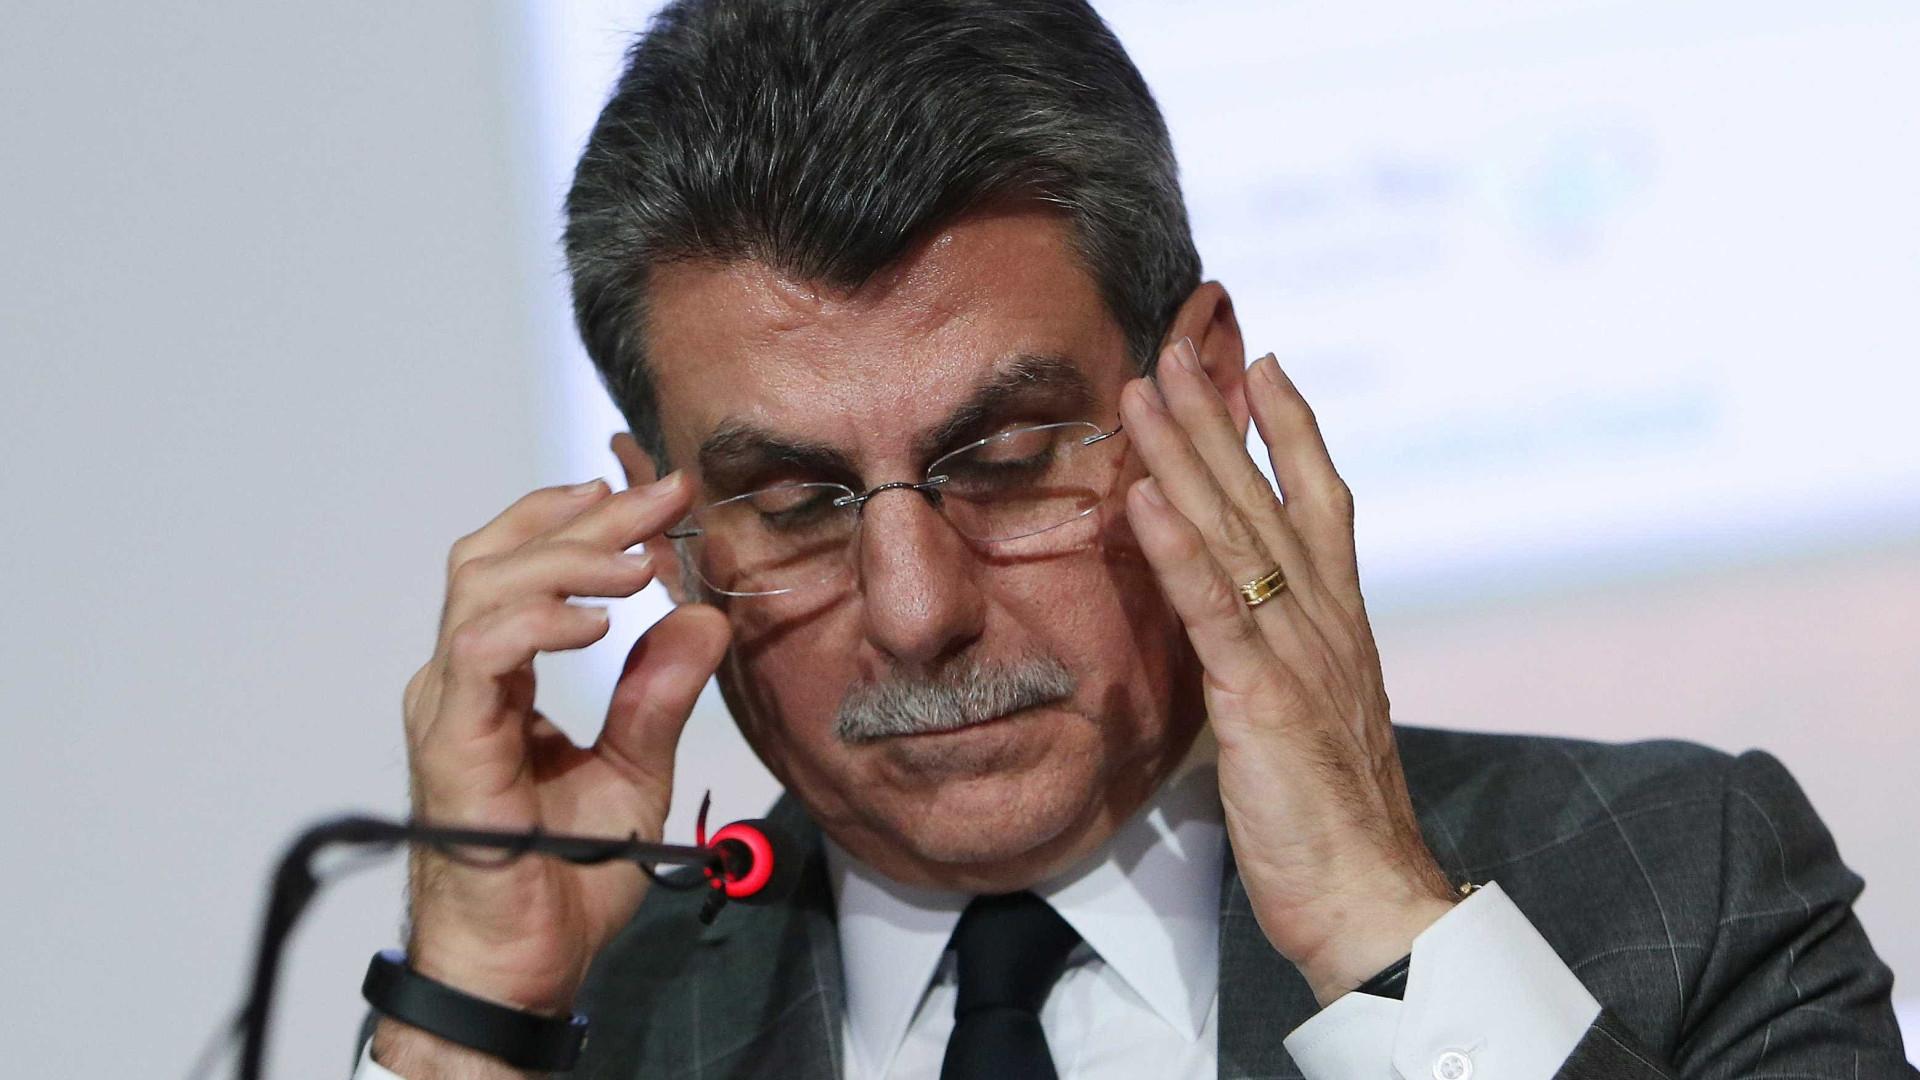 Procurador-geral da República denuncia Romero Jucá ao STF